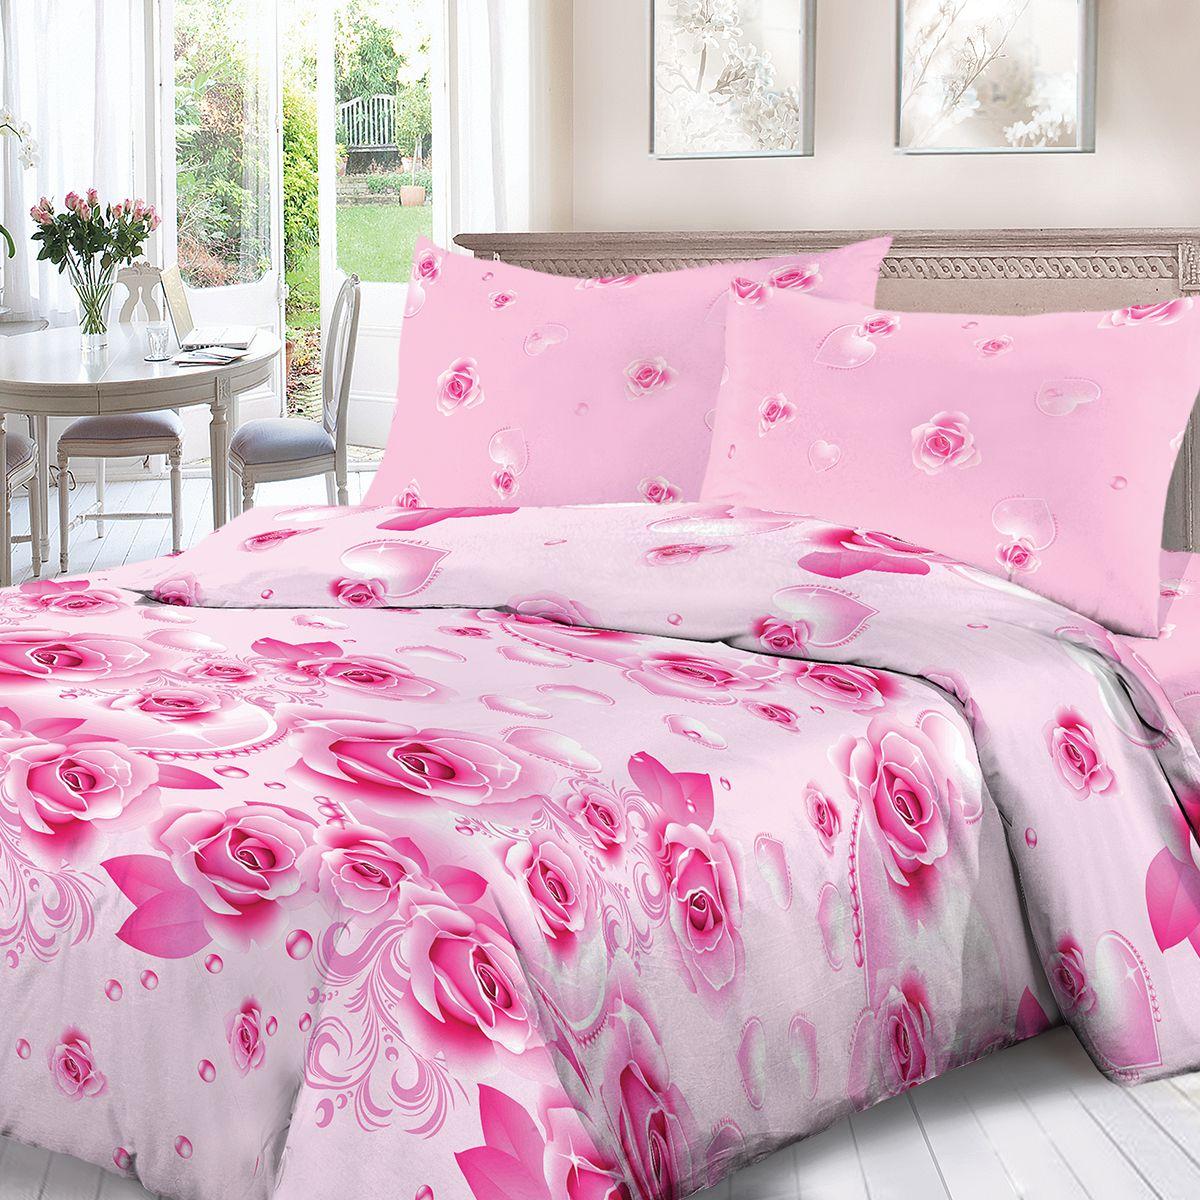 Комплект белья Для Снов Розовый жемчуг, евро, наволочки 70x70, цвет: розовый. 1553-186463